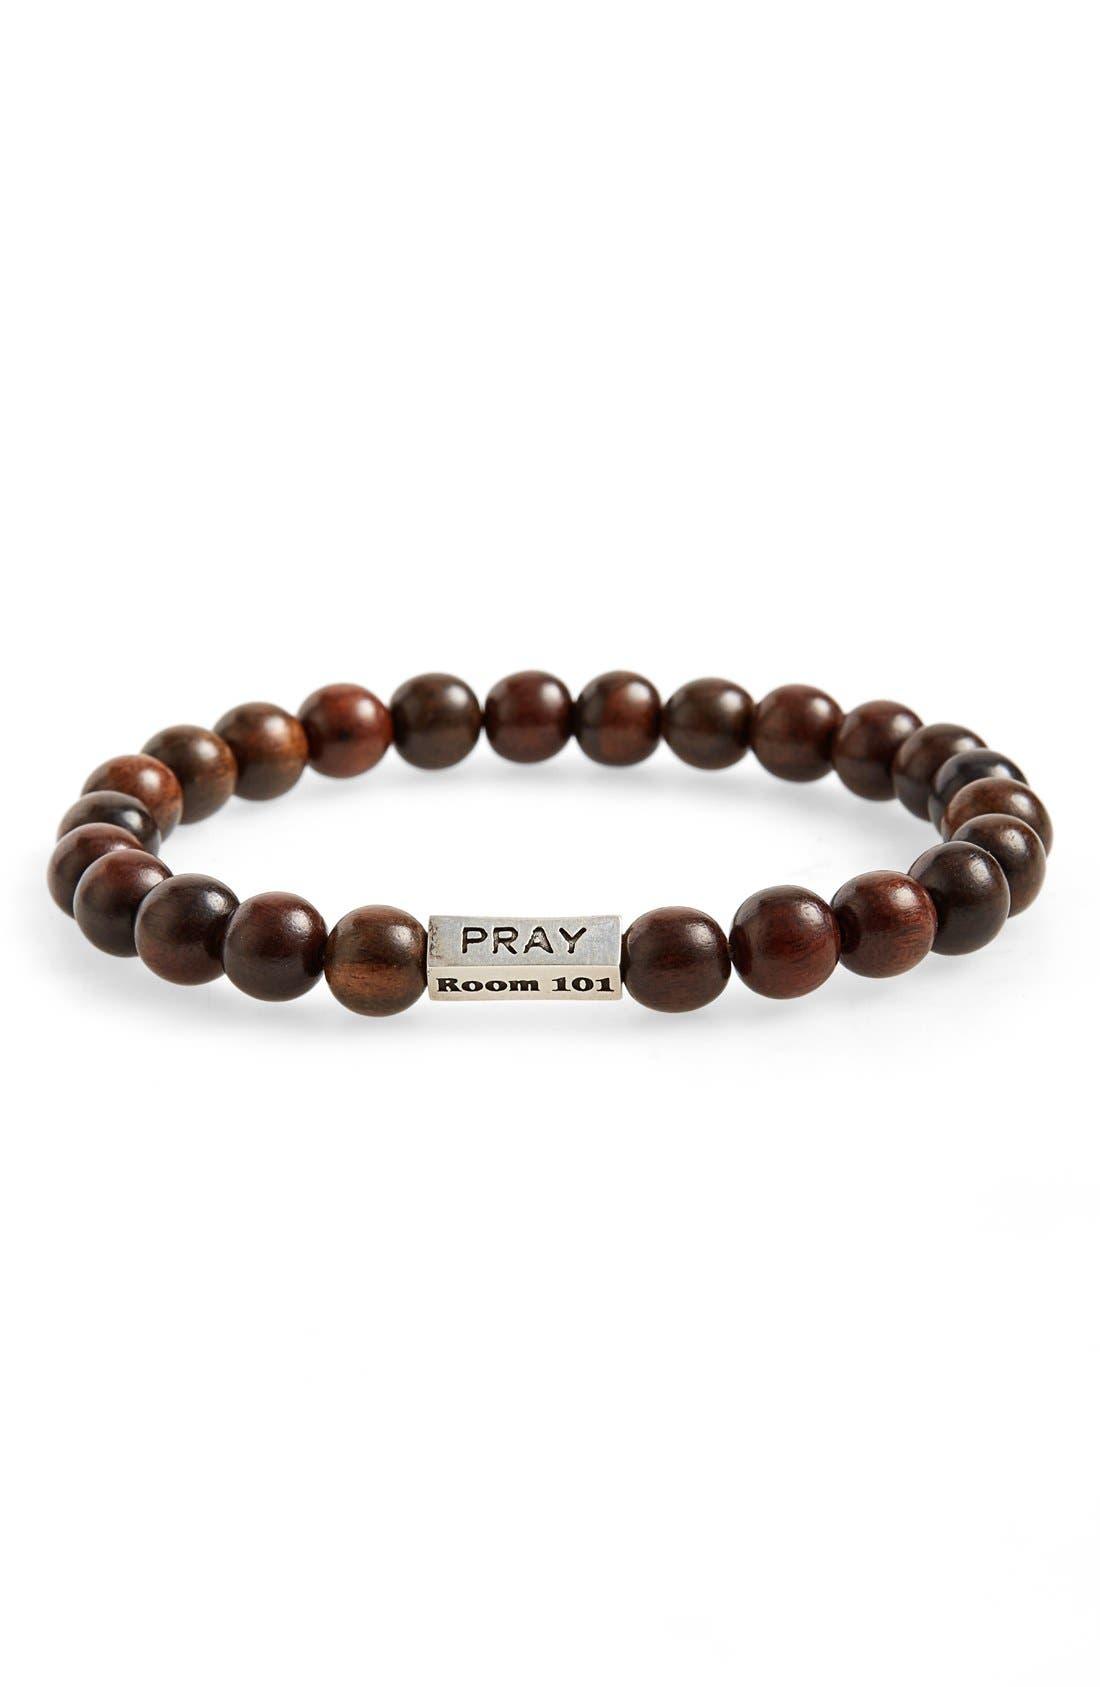 Main Image - Room 101 Wood Bead Bracelet